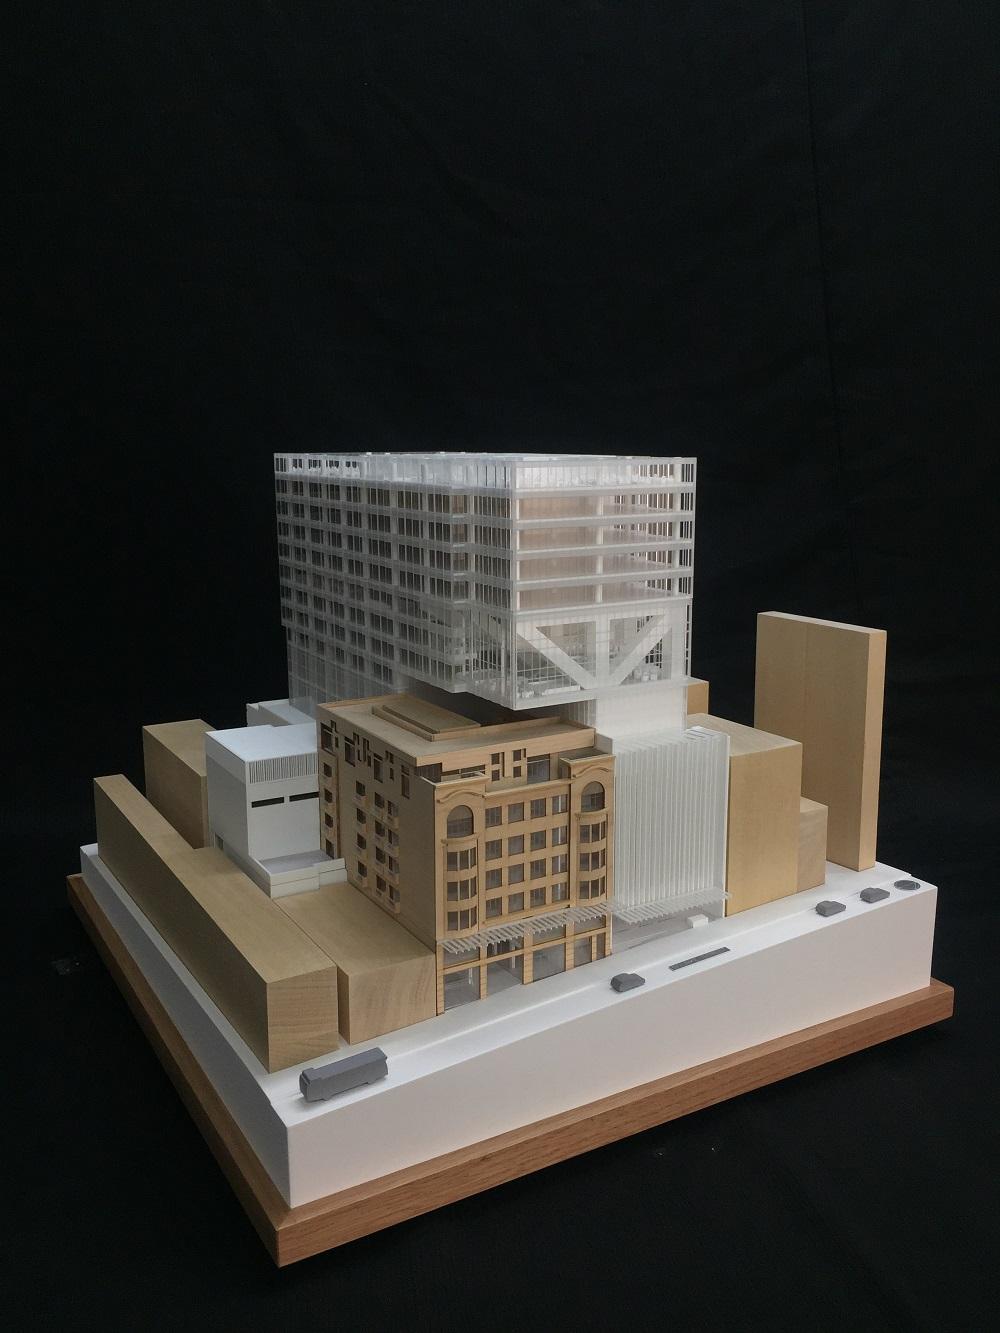 405 Bourke Street Model by Porter Models